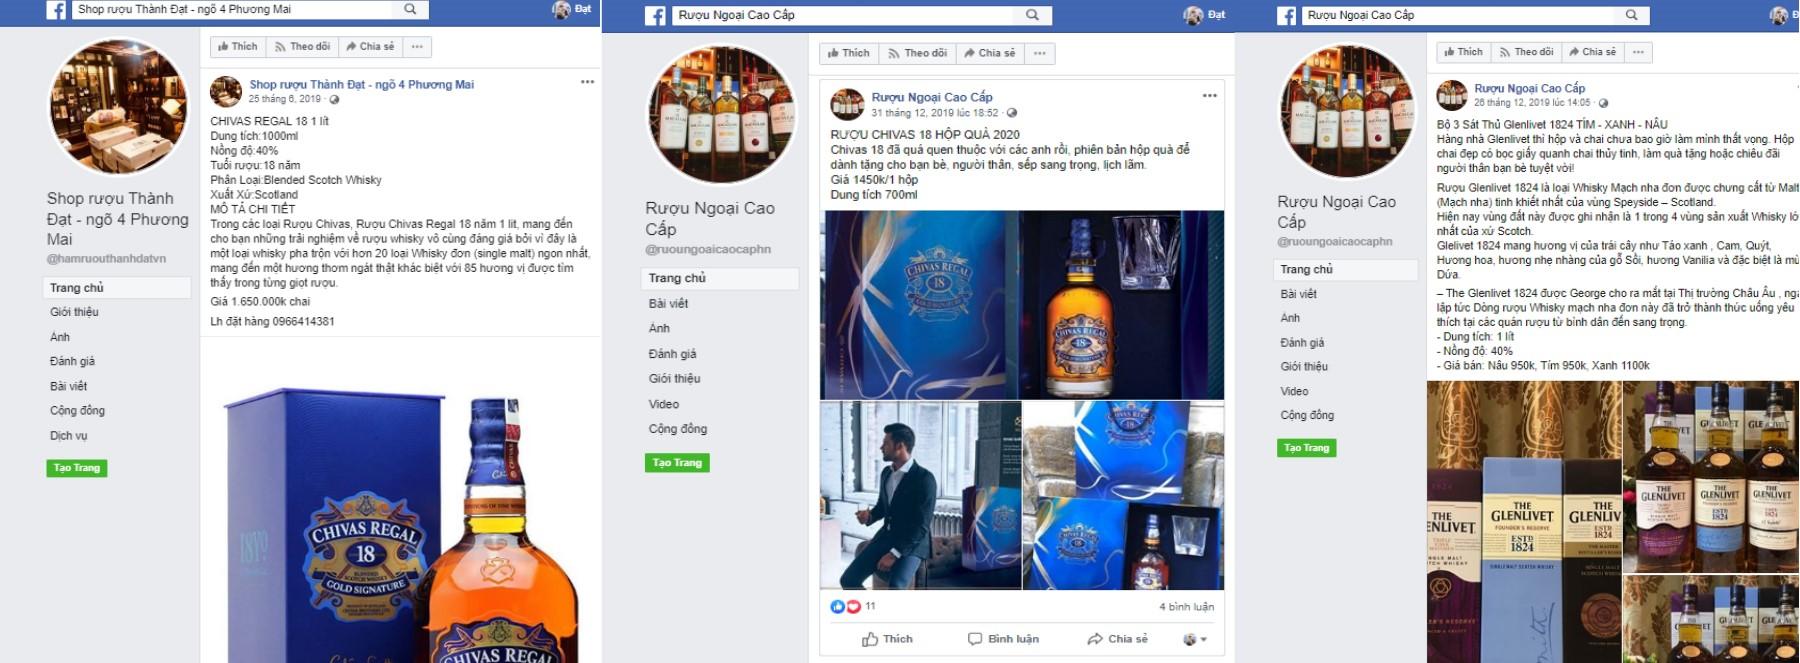 Loạn thị trường quảng cáo rượu trực tuyến ngày giáp Tết - Ảnh 4